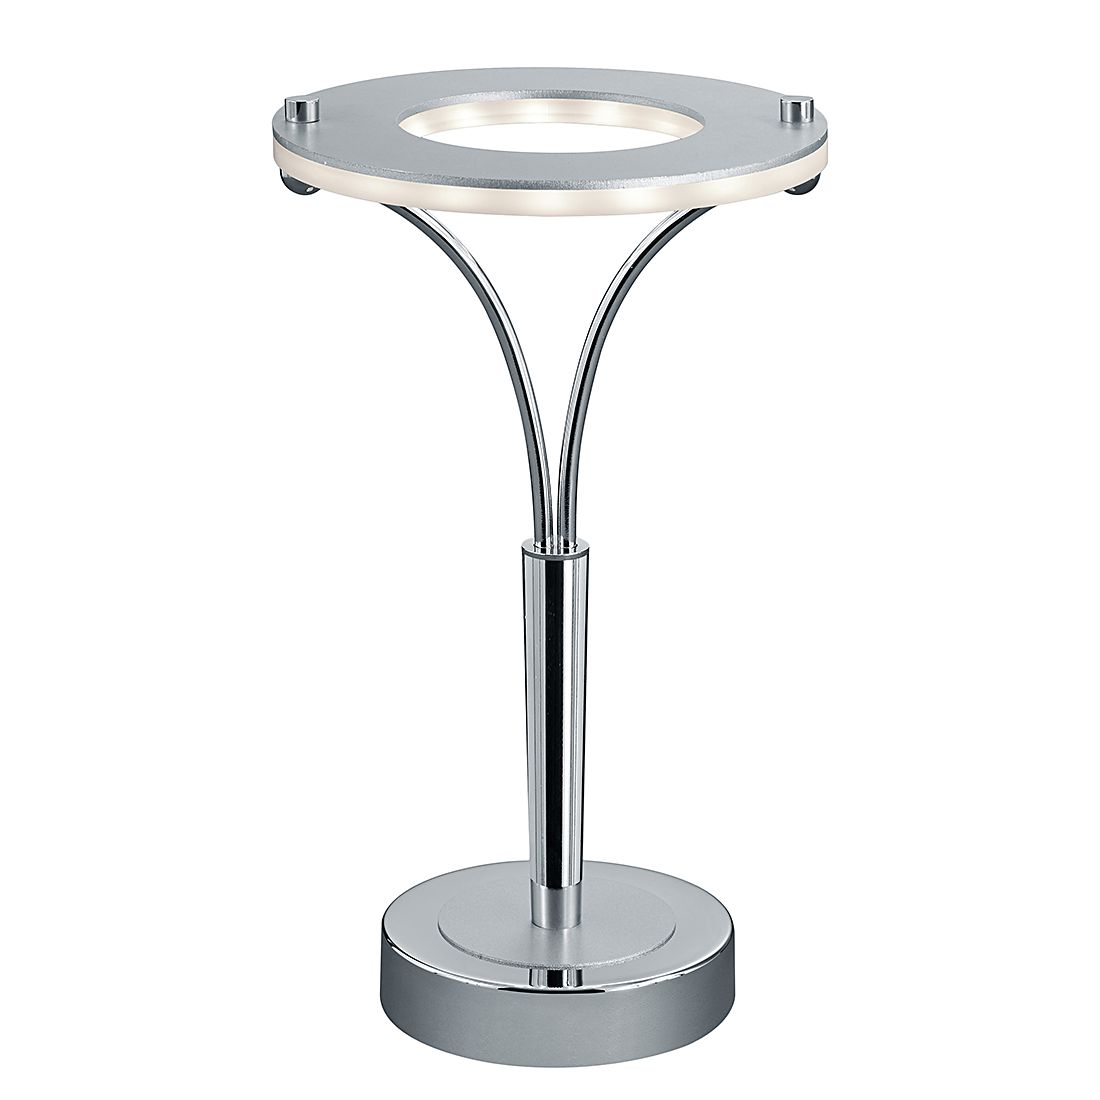 LED-Tischleuchte TORONTO ● Aluminium ● 1x7 W- Lux